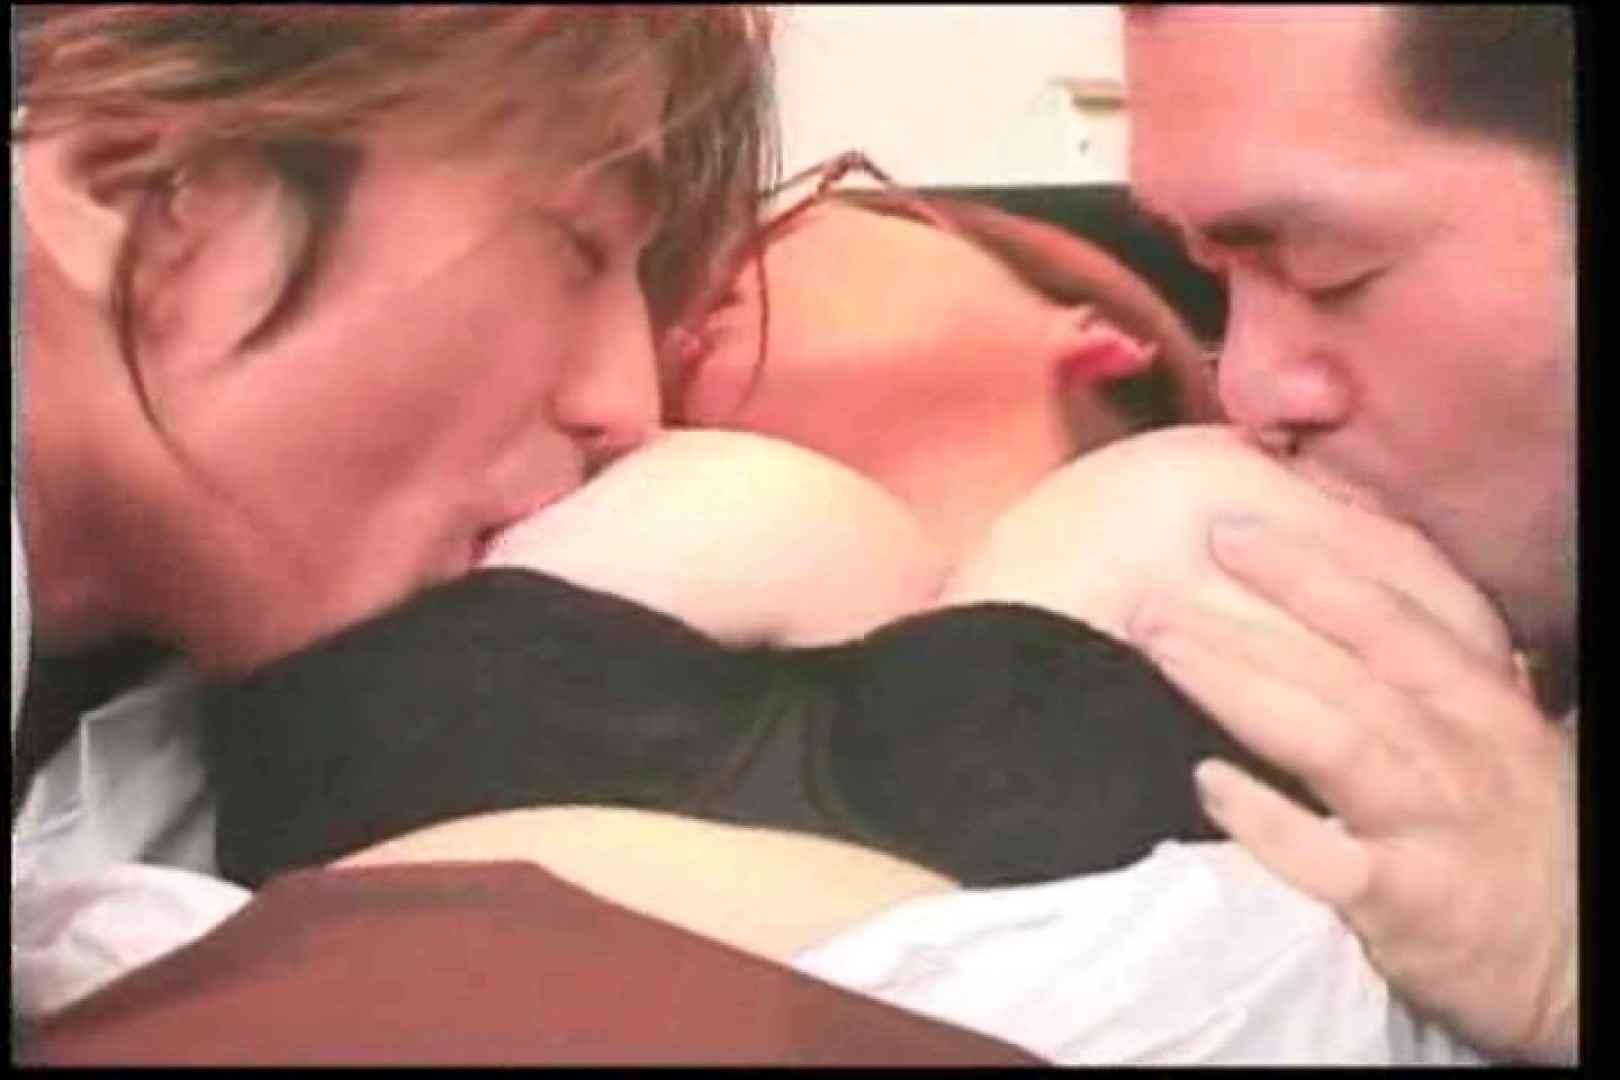 尊敬する先輩に女をささげる後輩 雪谷真央 熟女のエッチ ヌード画像 92pic 68